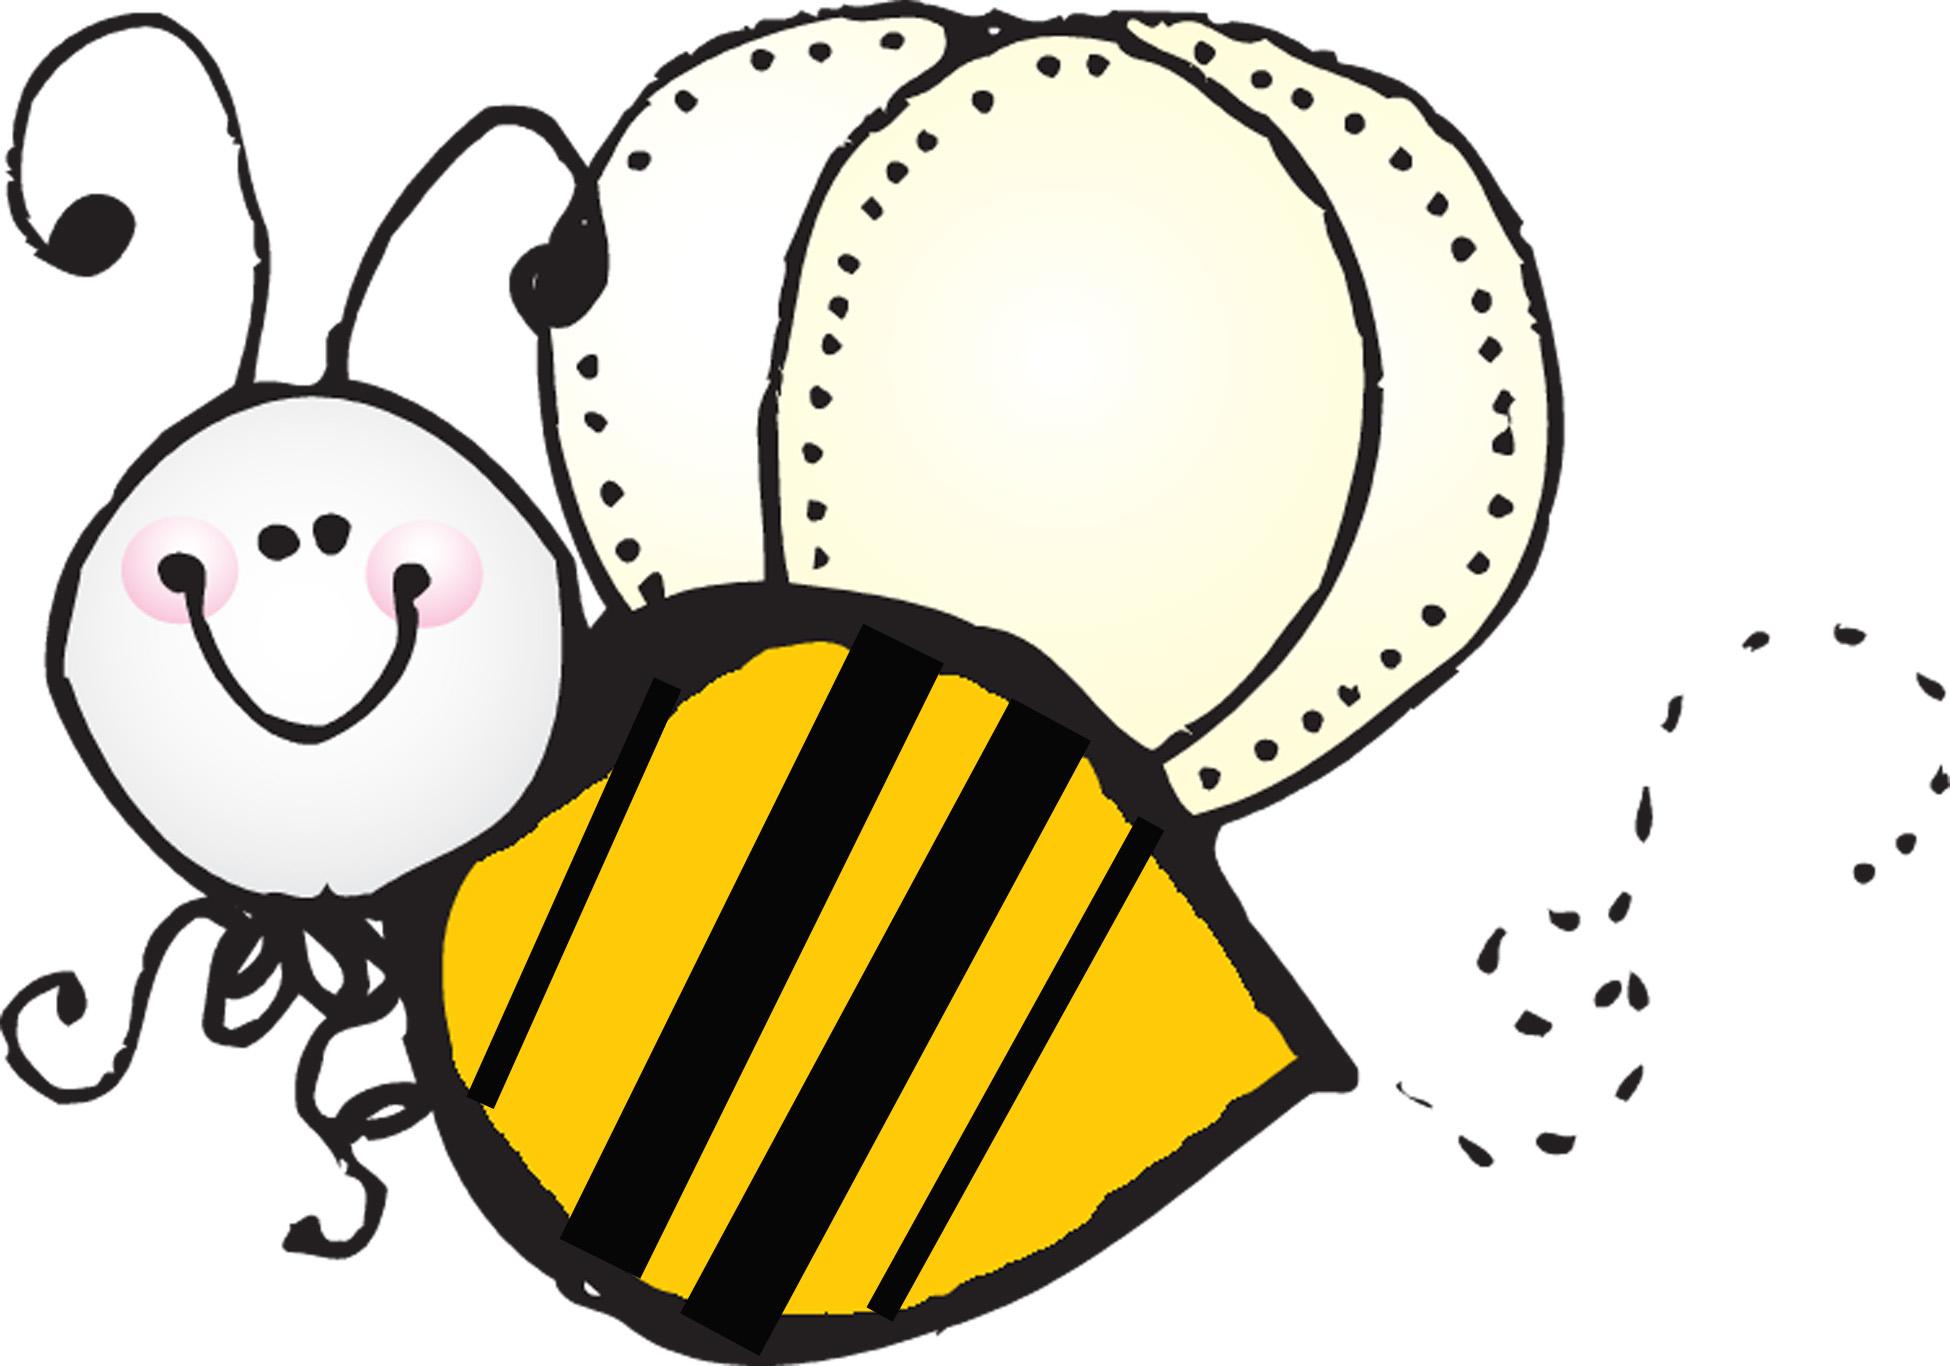 Fundraiser clipart cute. Bumble bee team henderson